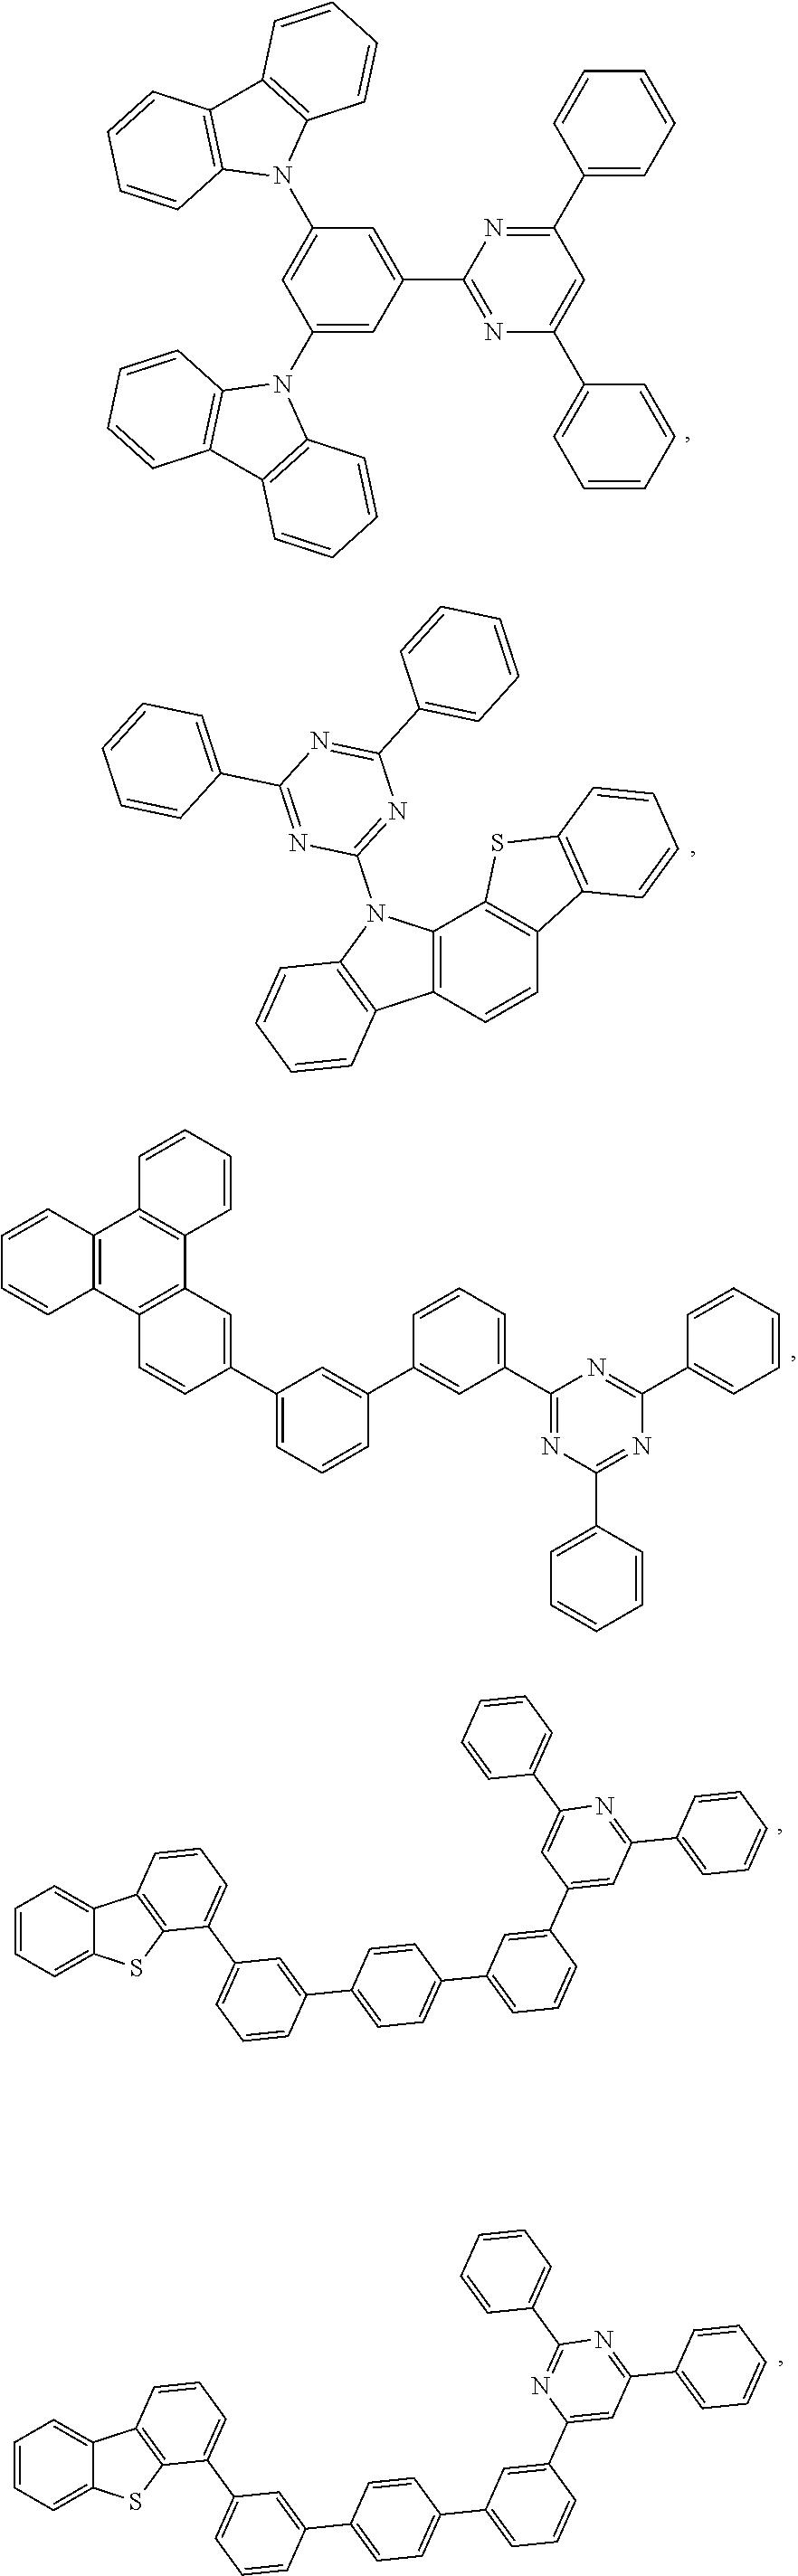 Figure US20190161504A1-20190530-C00057